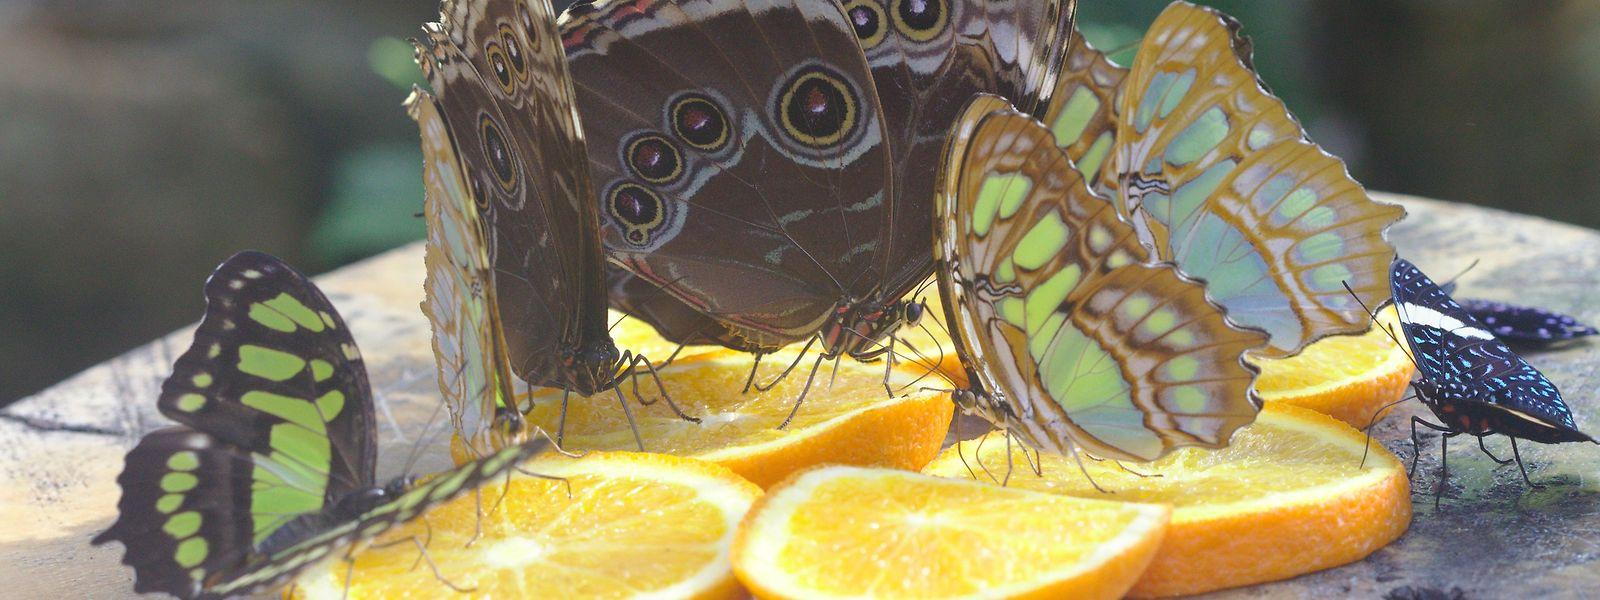 Die Schmetterlinge finden in dem Garten vielerlei Blüten und werden zudem mit  Zuckerwasser und Orangenscheiben gefüttert.